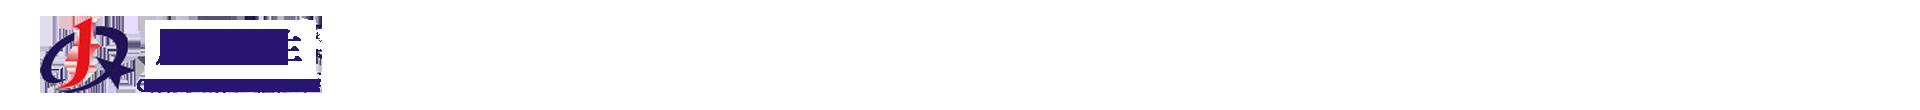 广西迪生照明工程有限公司